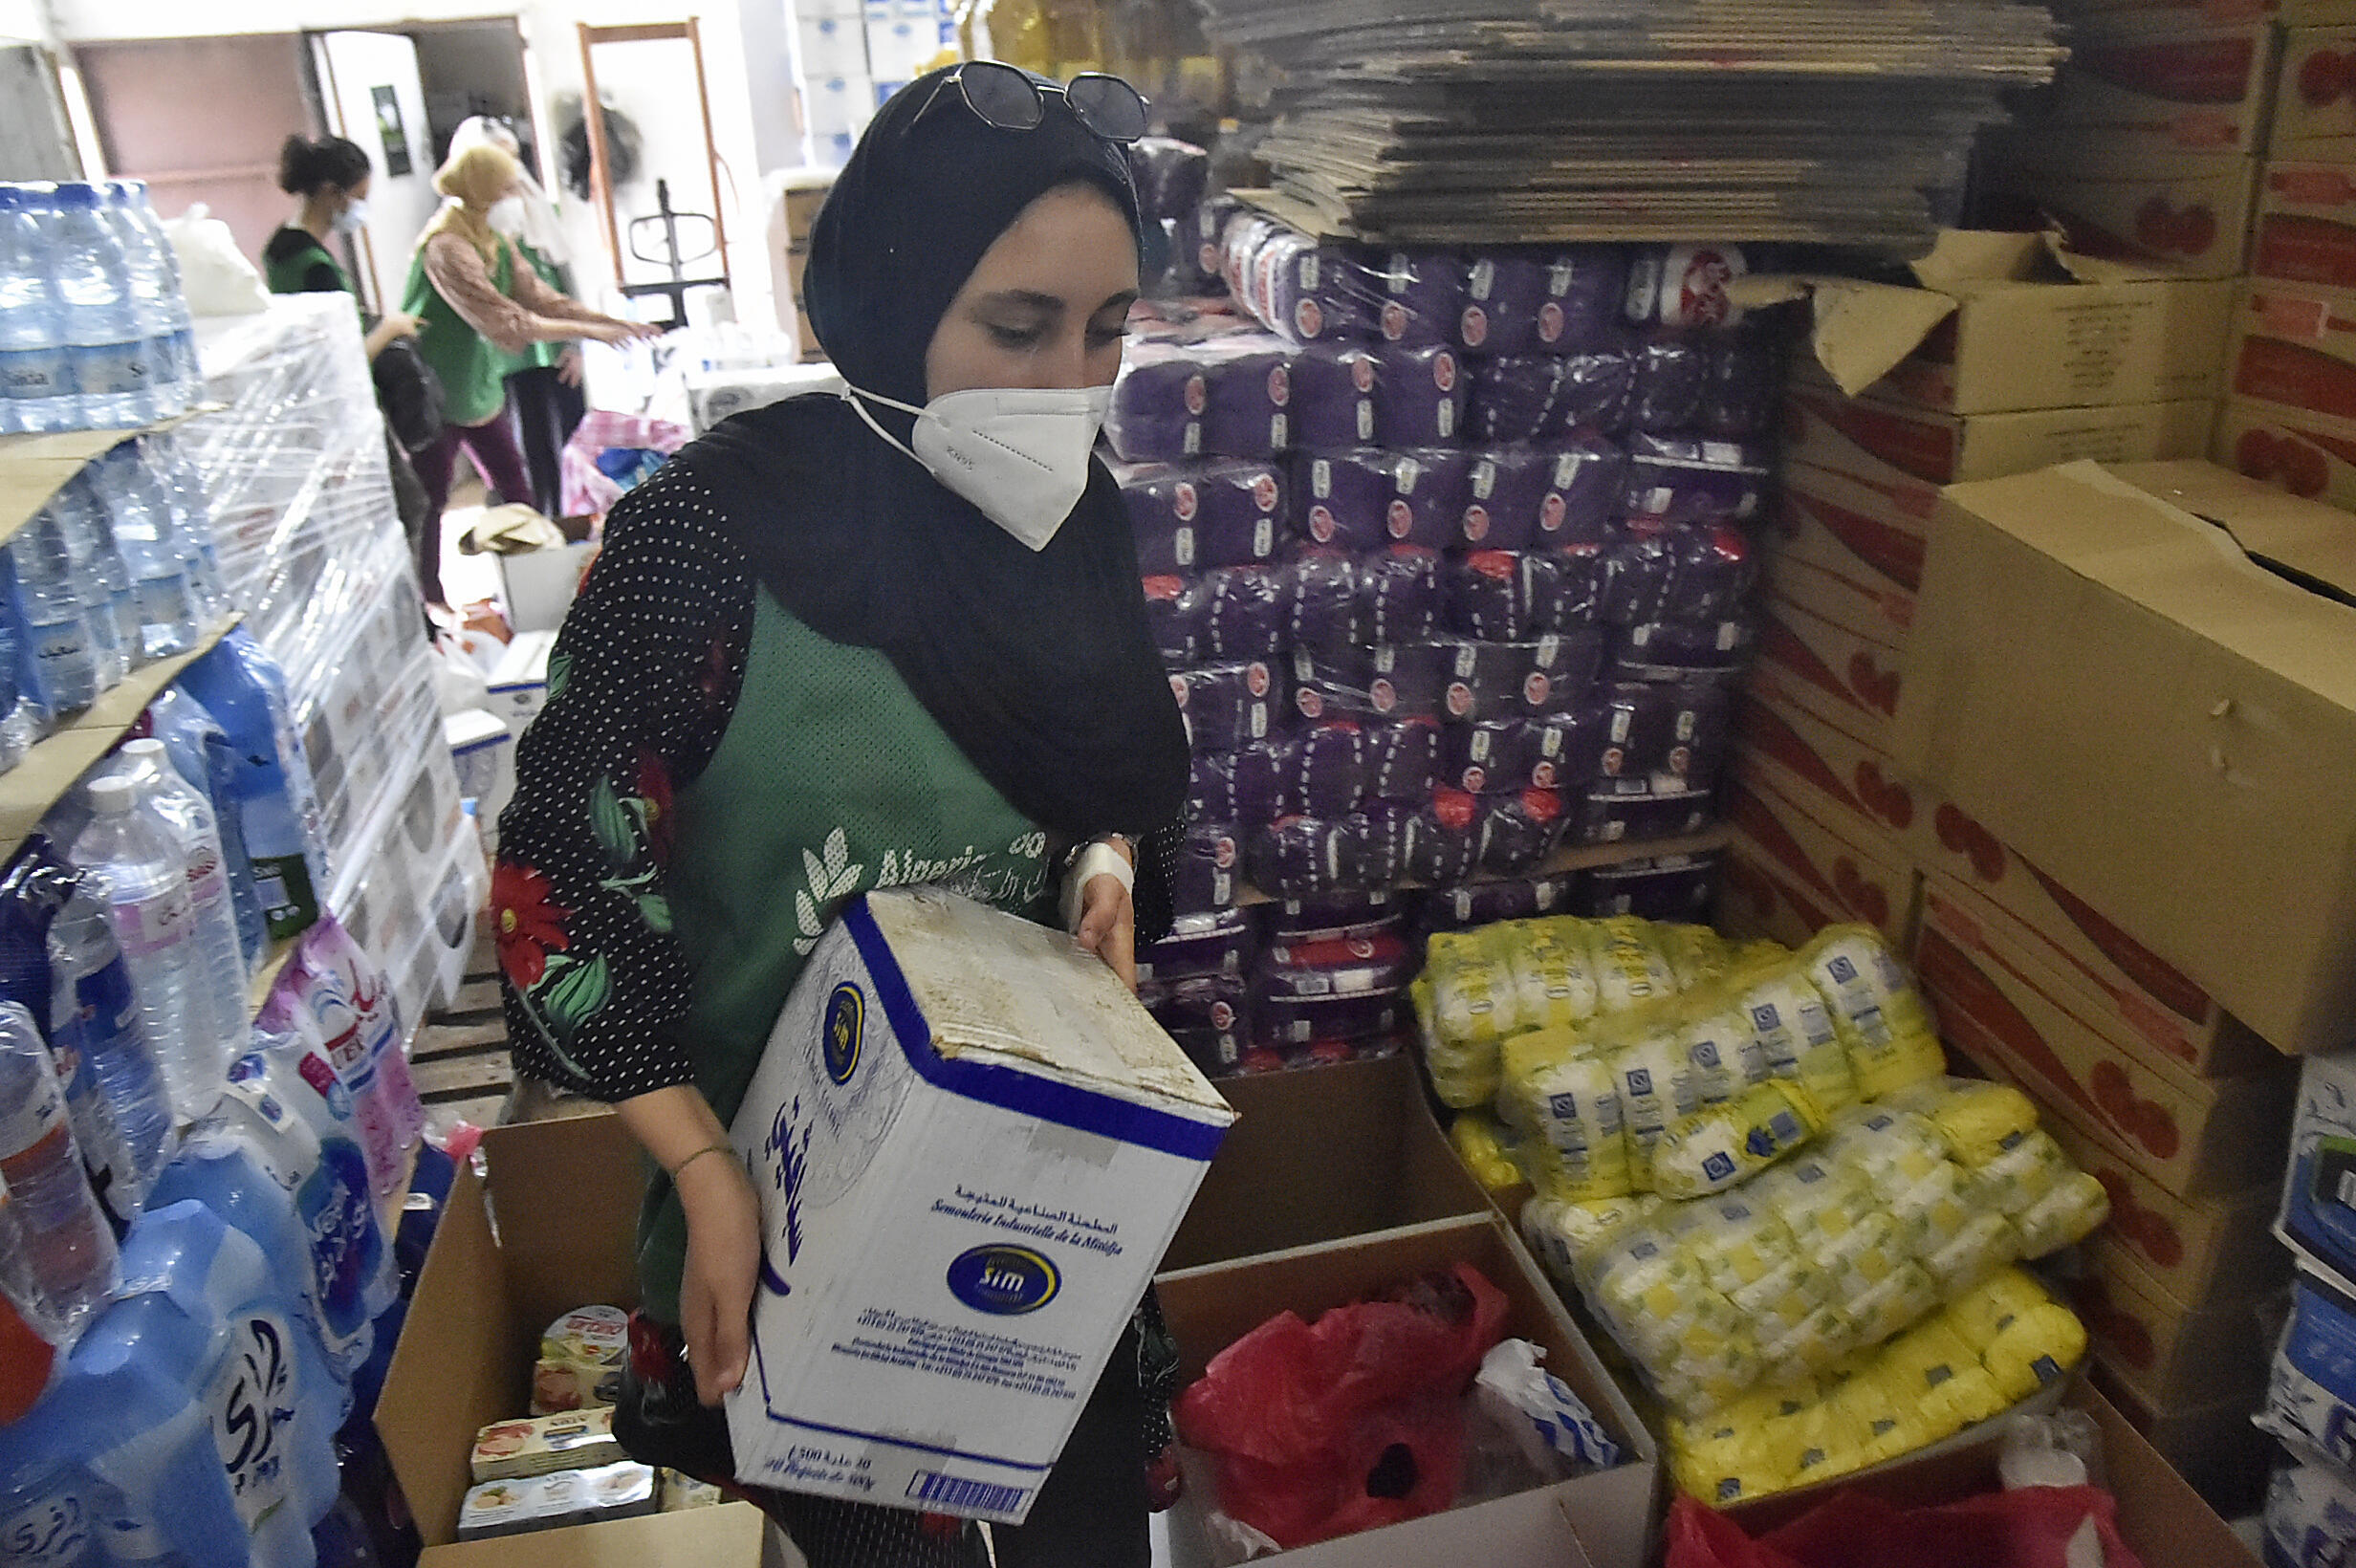 Des volontaires de l'ONG Association Citra participent à un effort avec la Banque alimentaire algérienne pour envoyer des colis d'aide aux victimes de l'incendie régional de Kabili le 12 août 2021 dans la capitale algérienne, Alger.